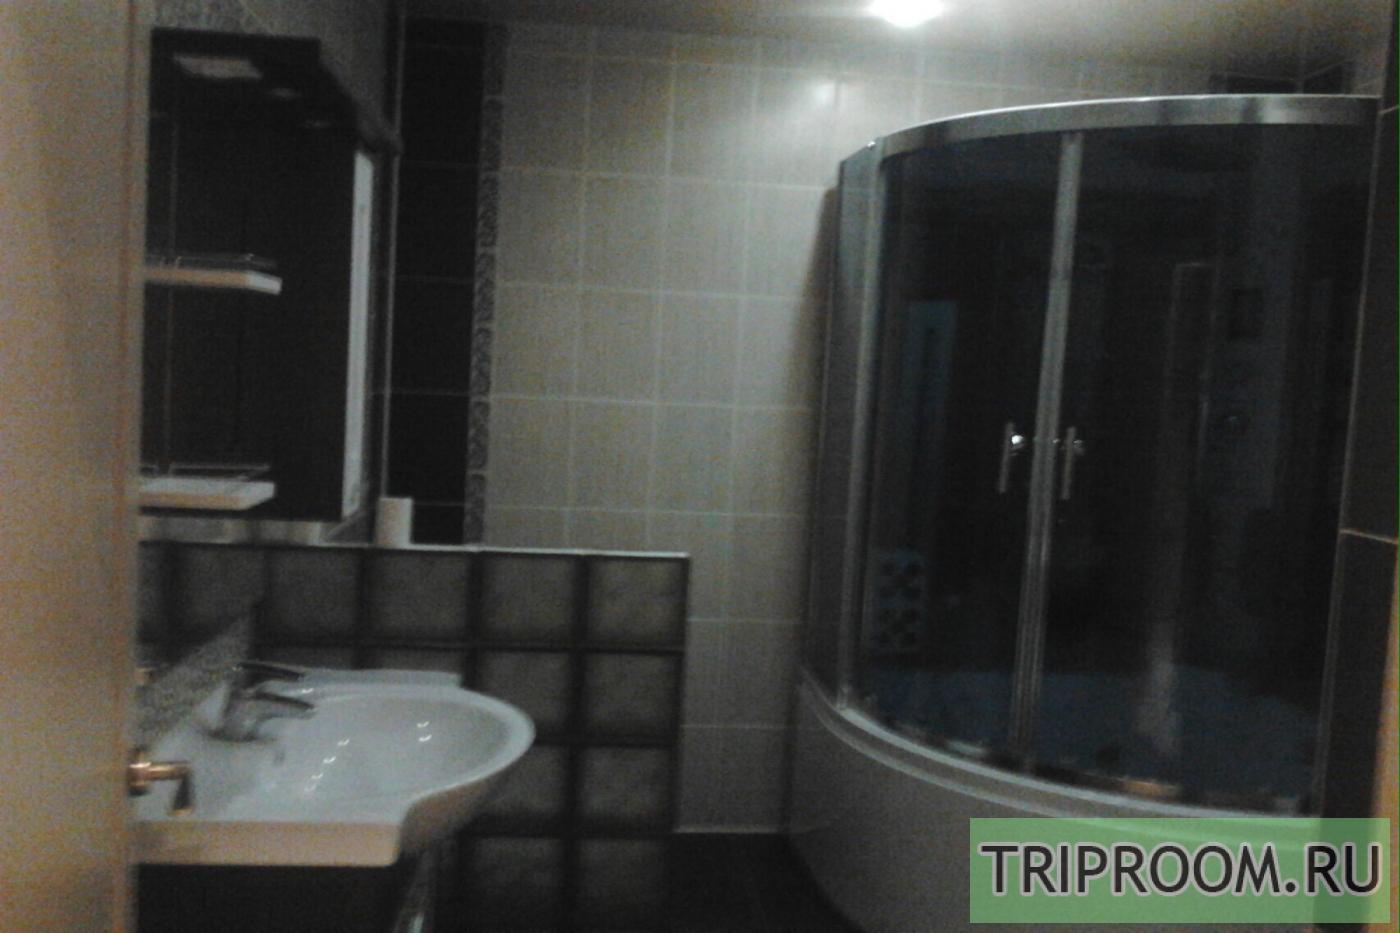 2-комнатная квартира посуточно (вариант № 4669), ул. 30 лет Победы улица, фото № 18